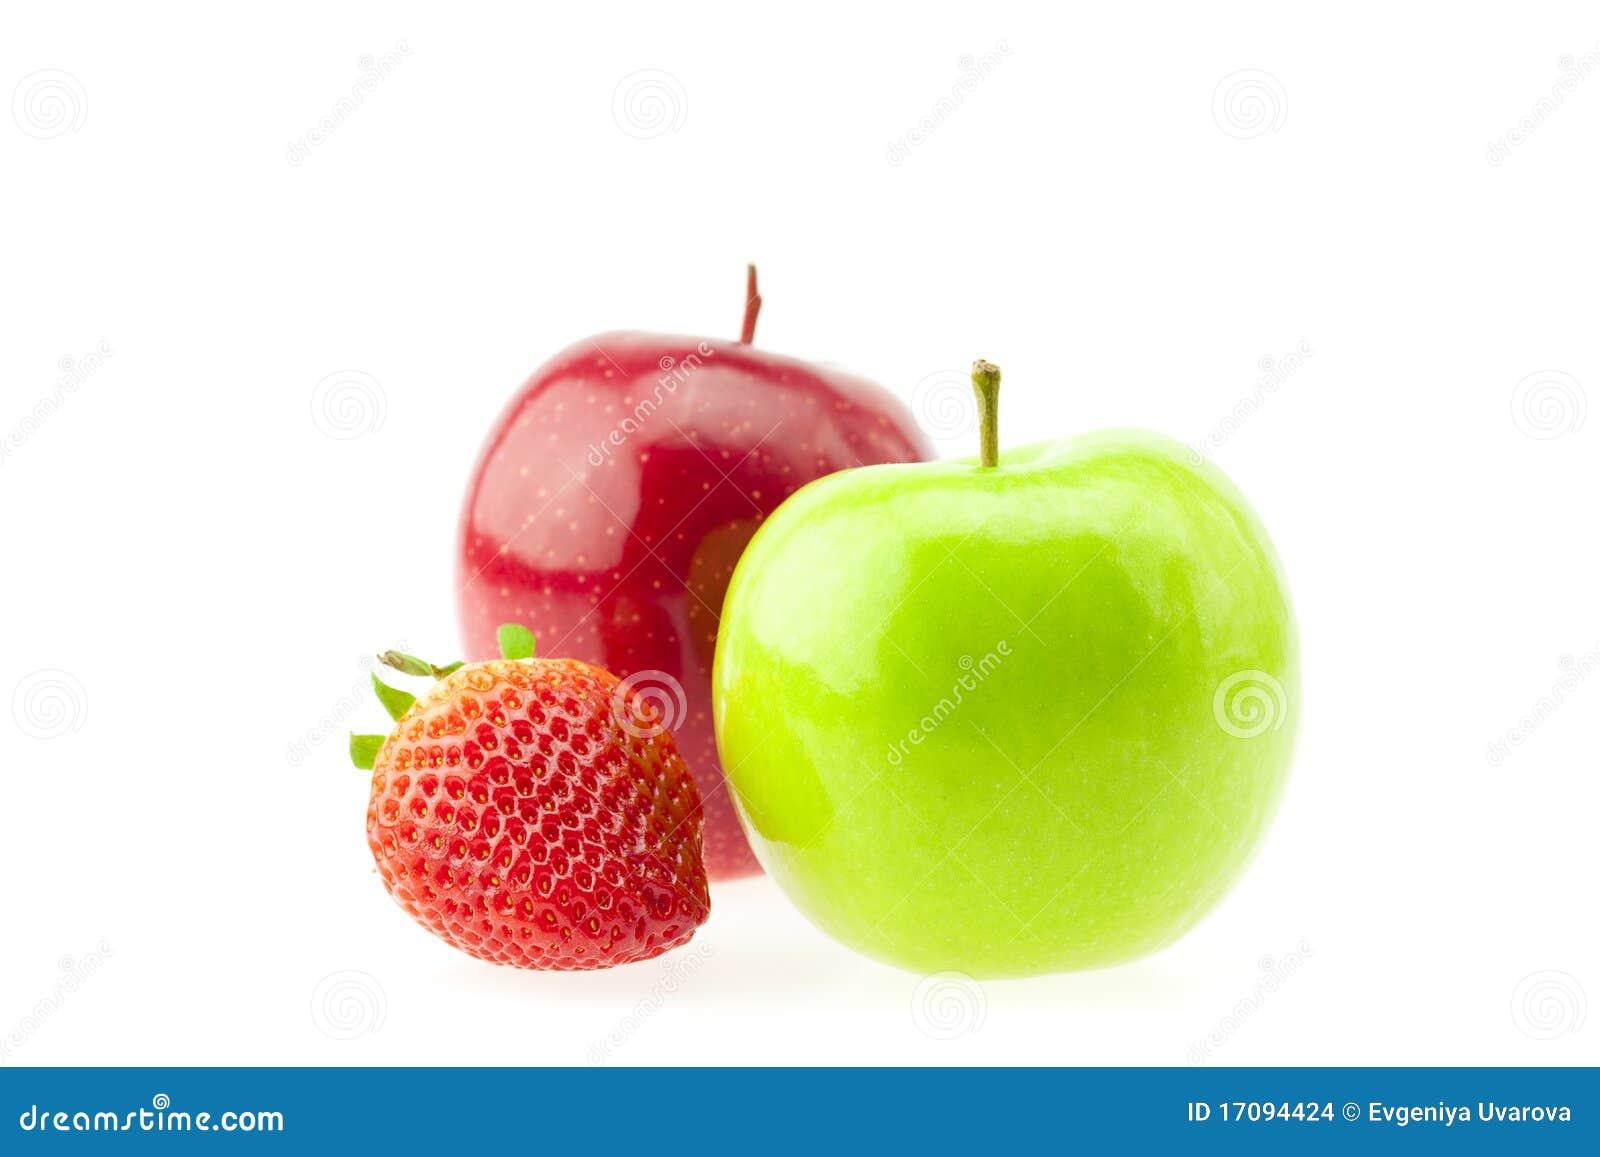 Zwei Äpfel und Erdbeeren getrennt auf Weiß